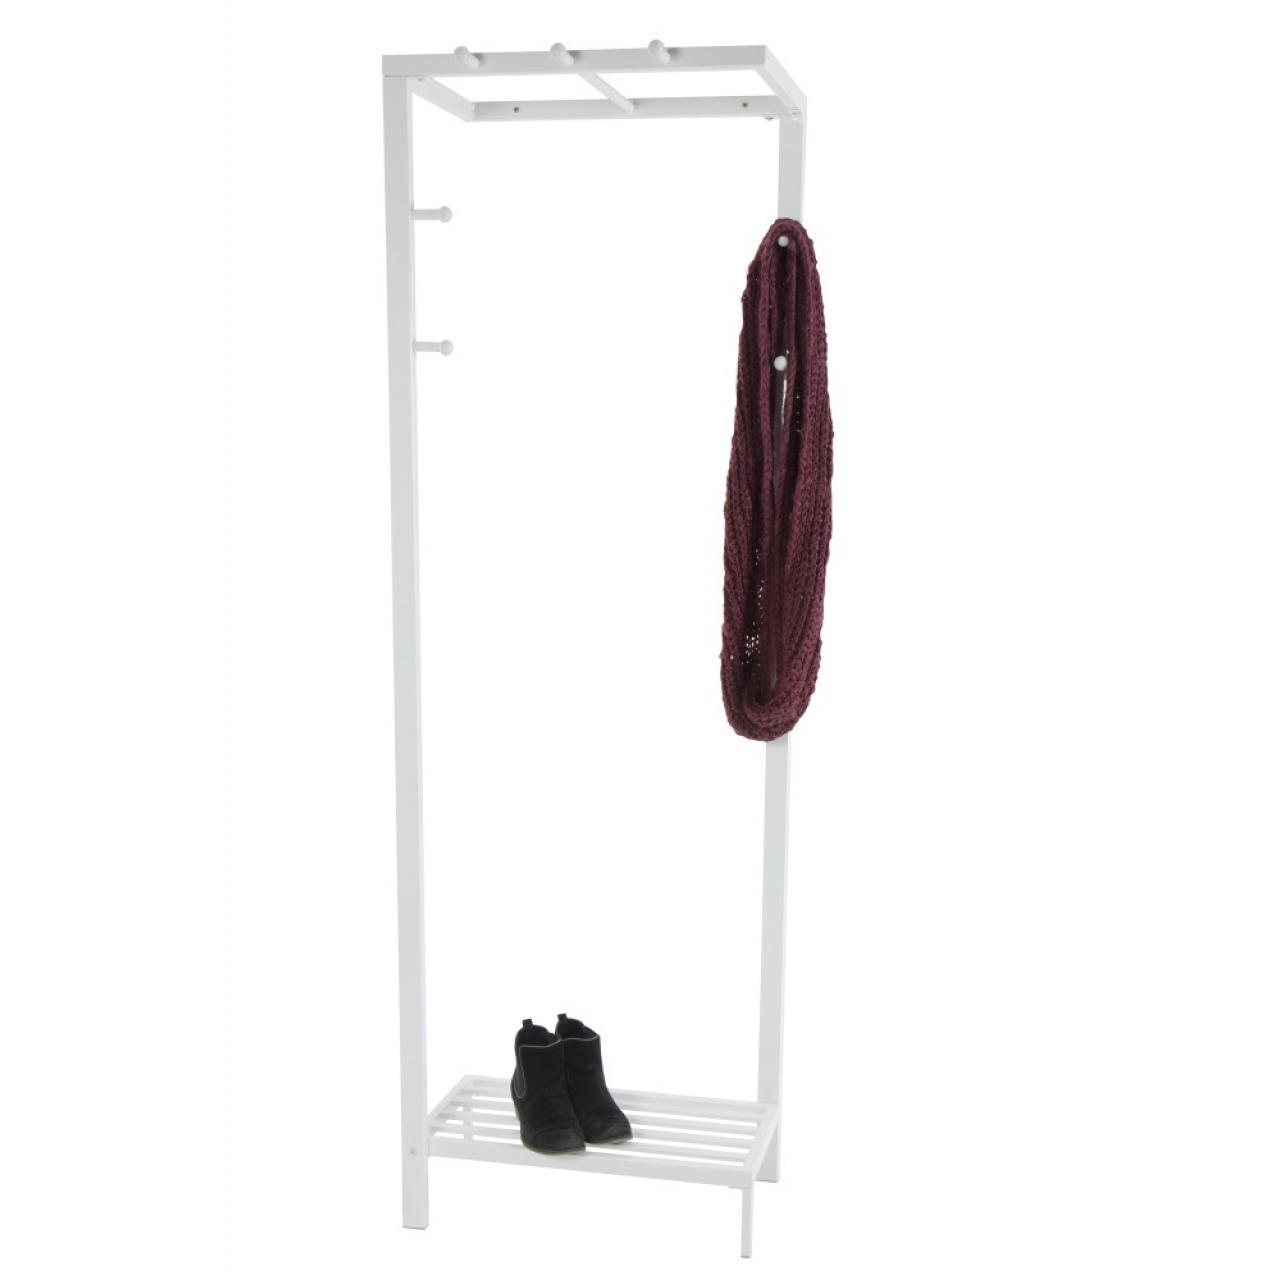 Kleiderständer - Jana, Metall - weiß lackiert, Garderobenständer, Garderobe, Kleiderhaken